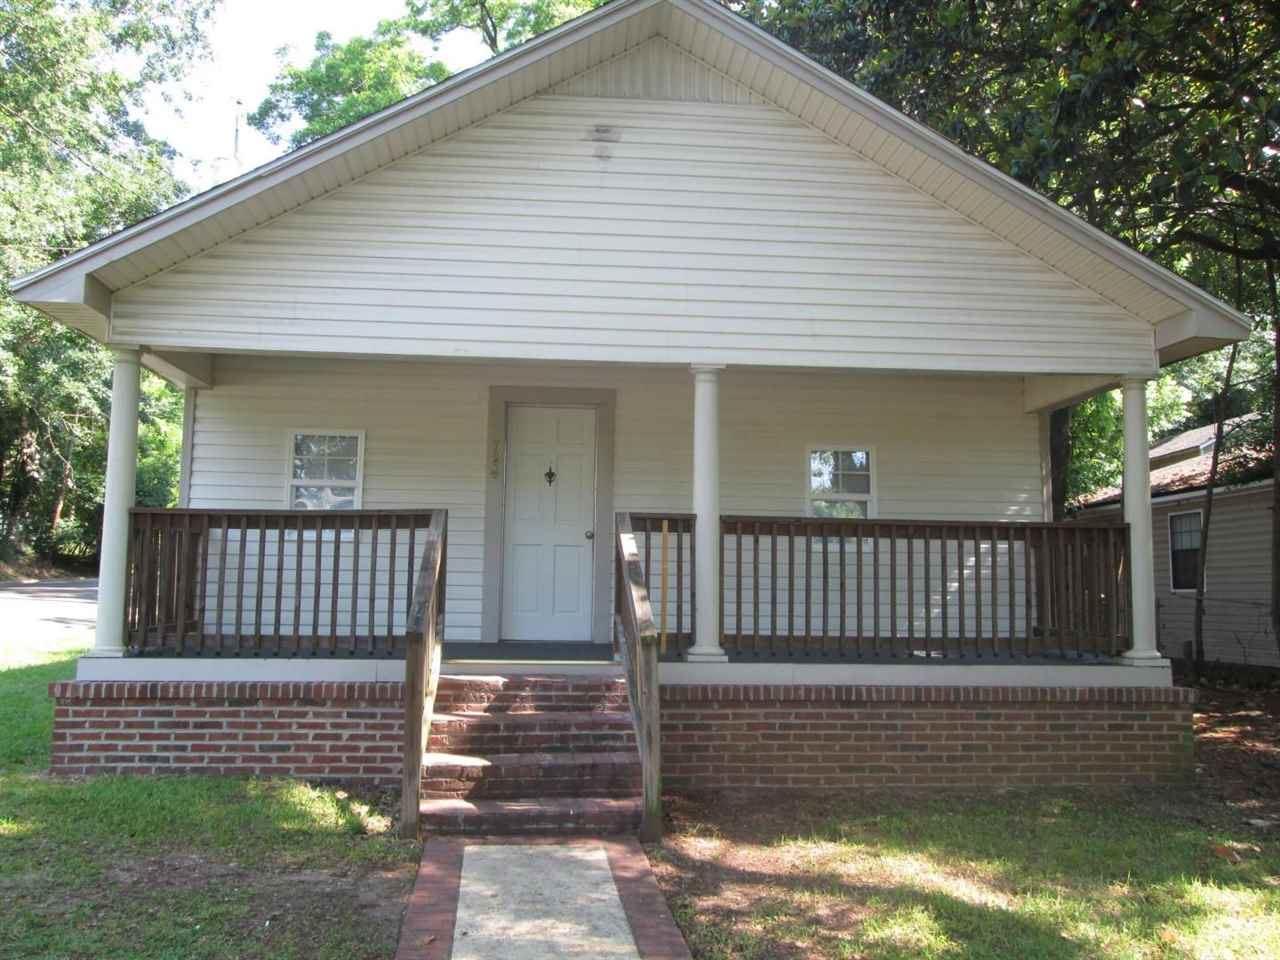 Photo of 724 Dunn Street, TALLAHASSEE, FL 32304 (MLS # 334065)